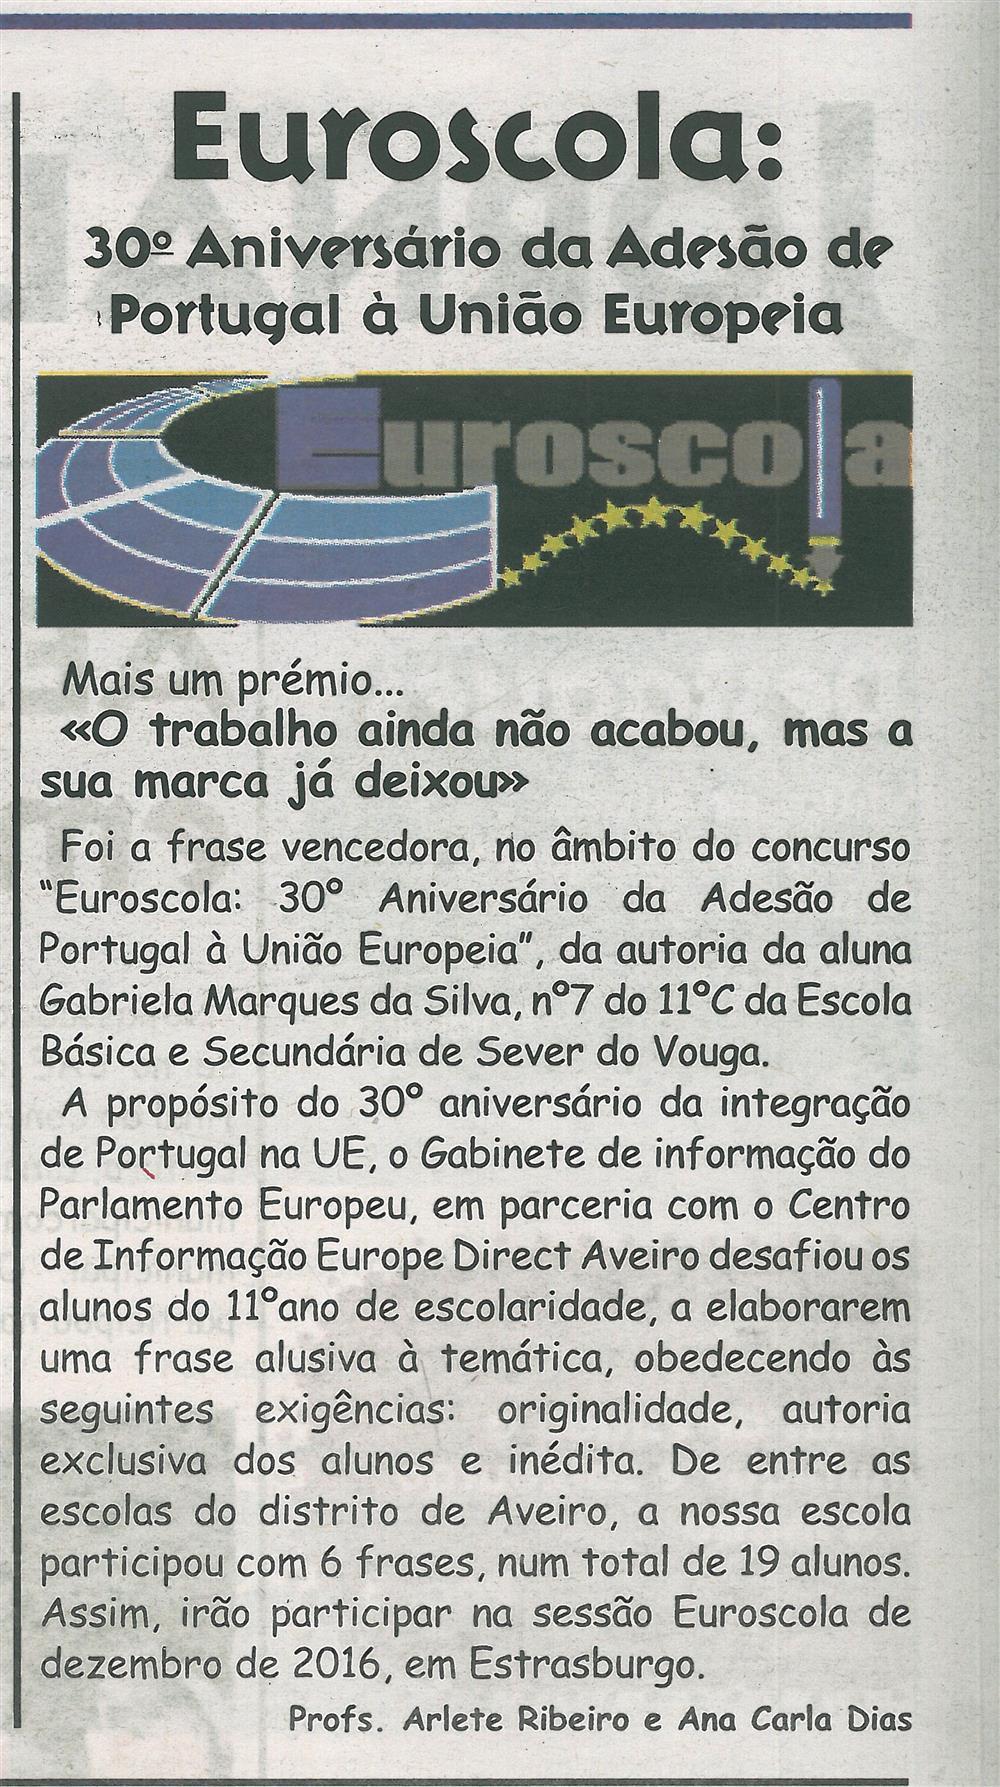 JE-jun.'16-p.2-Euroscola : 30.º Aniversário da Adesão de Portugal à União Europeia.jpg